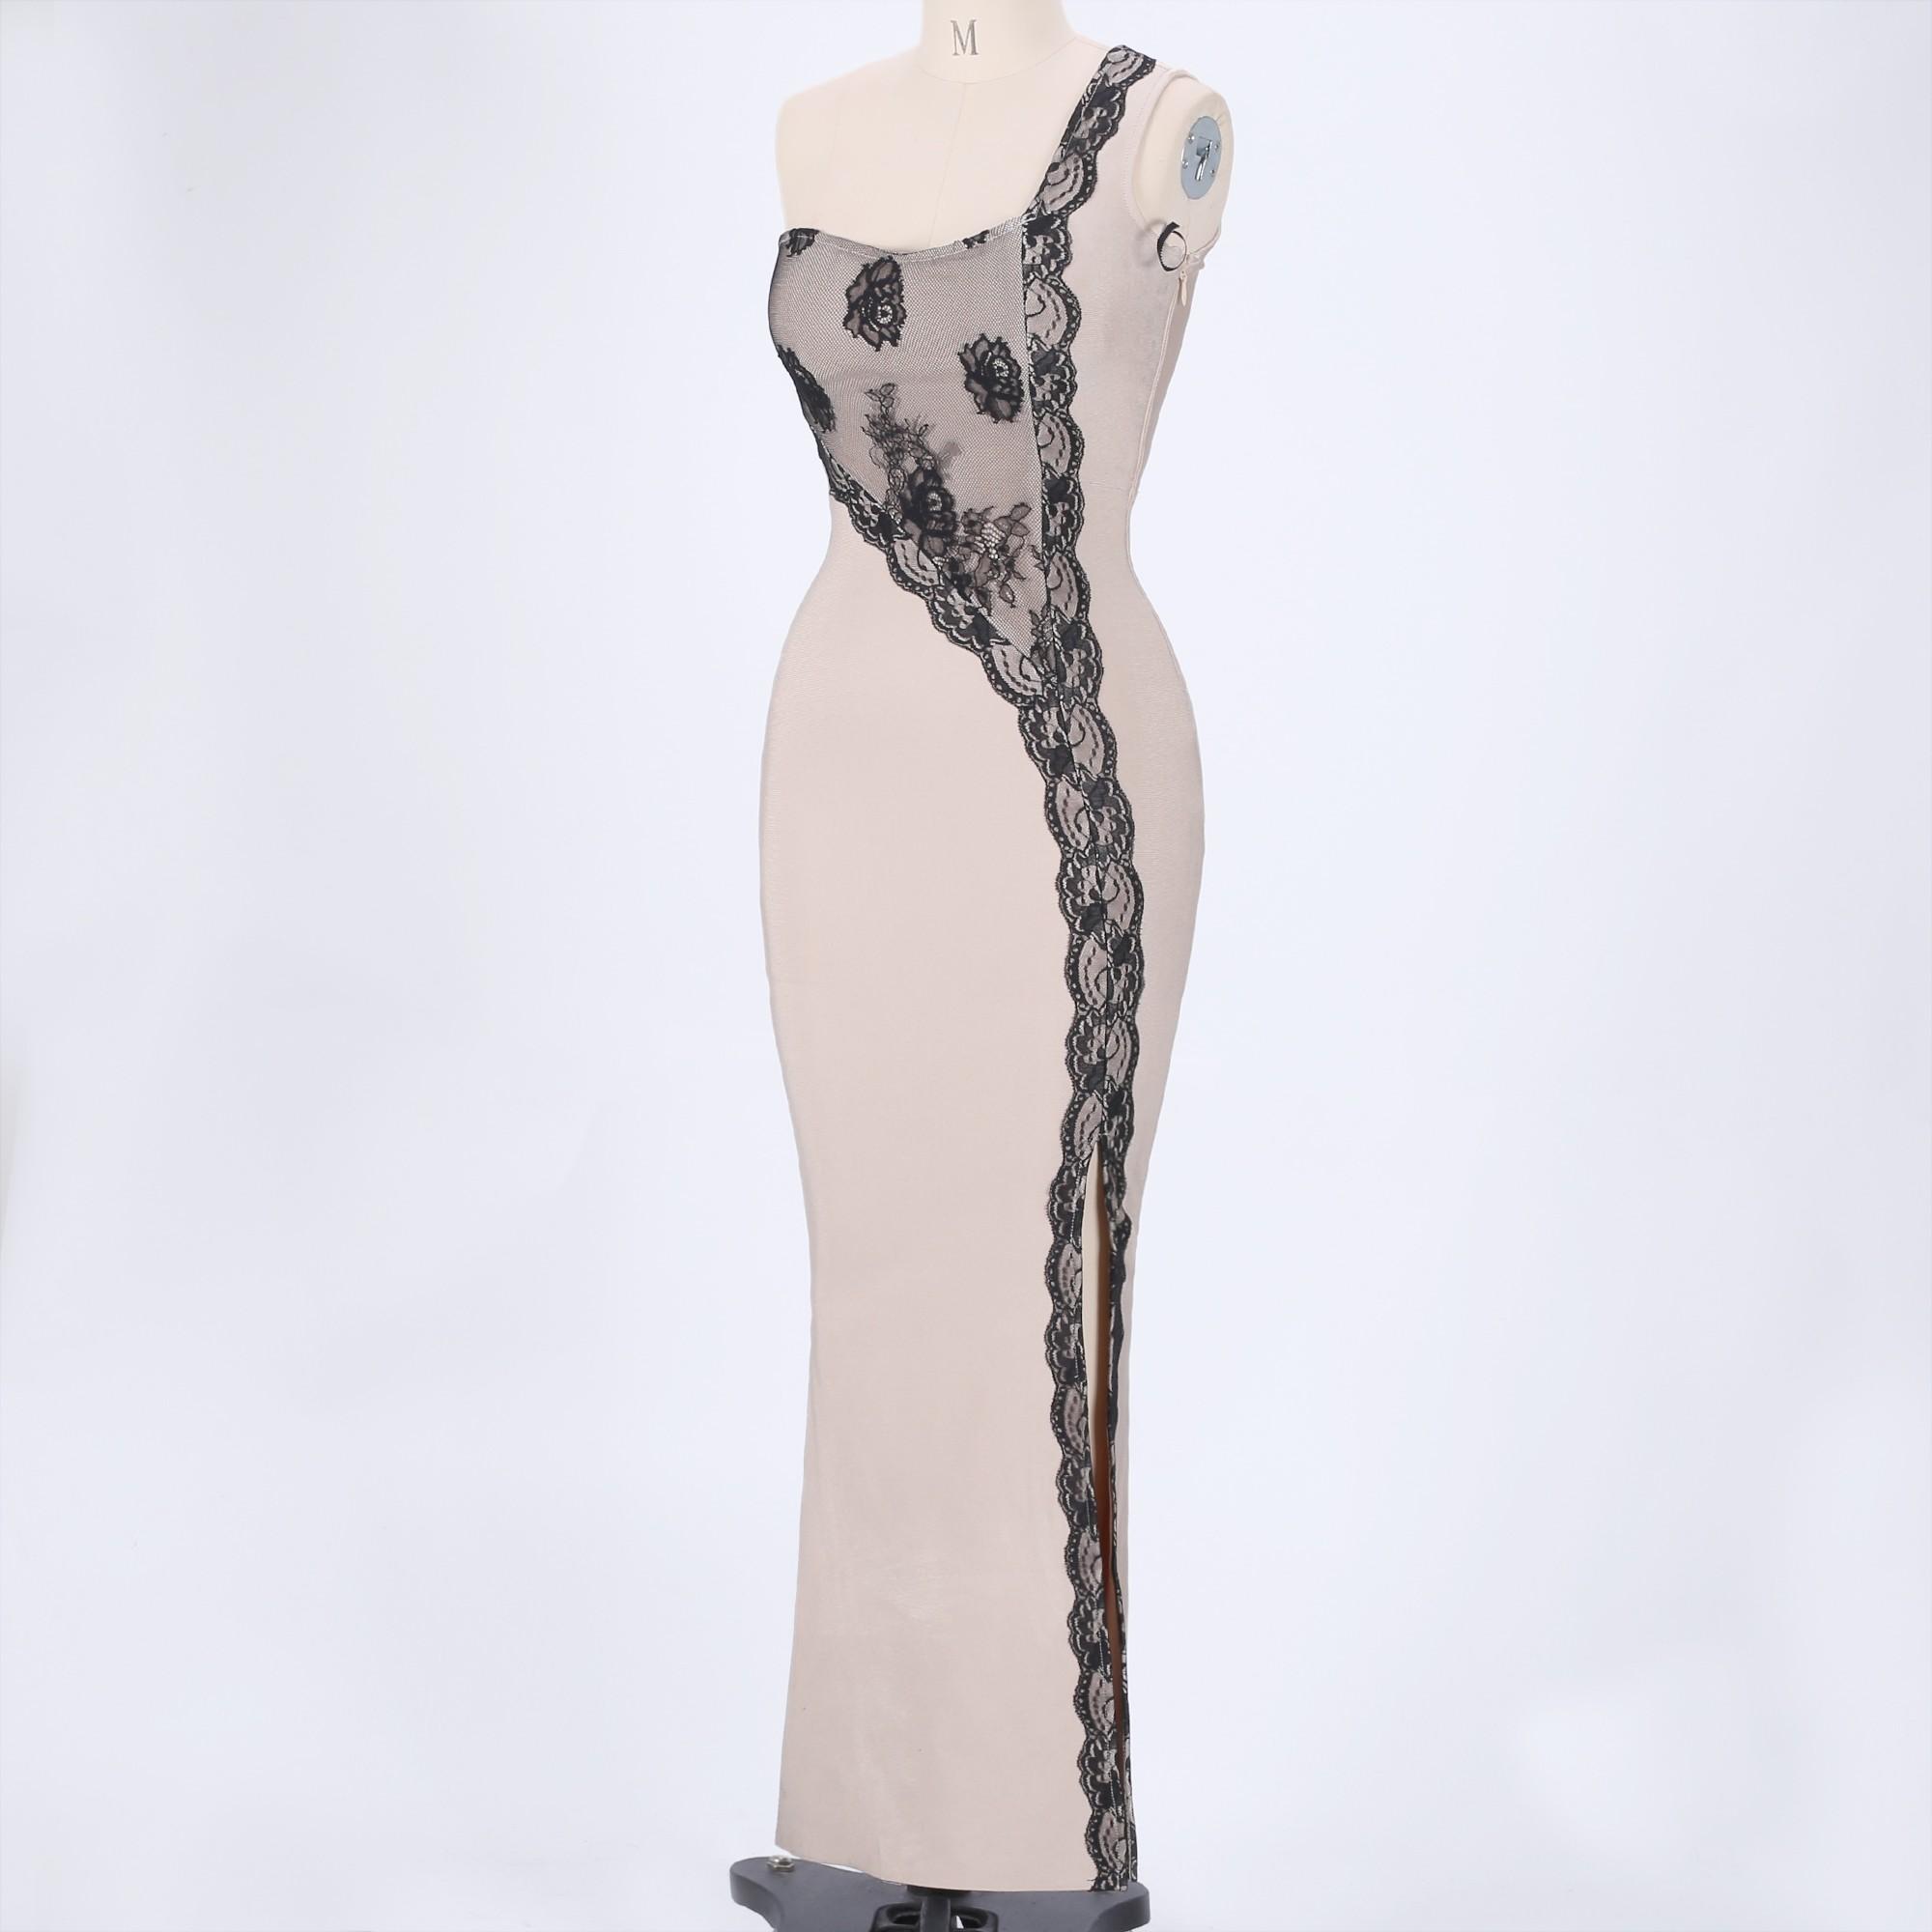 Nude One Shoulder Sleeveless Maxi Lace Fashion Bandage Dress HT0097-Nude